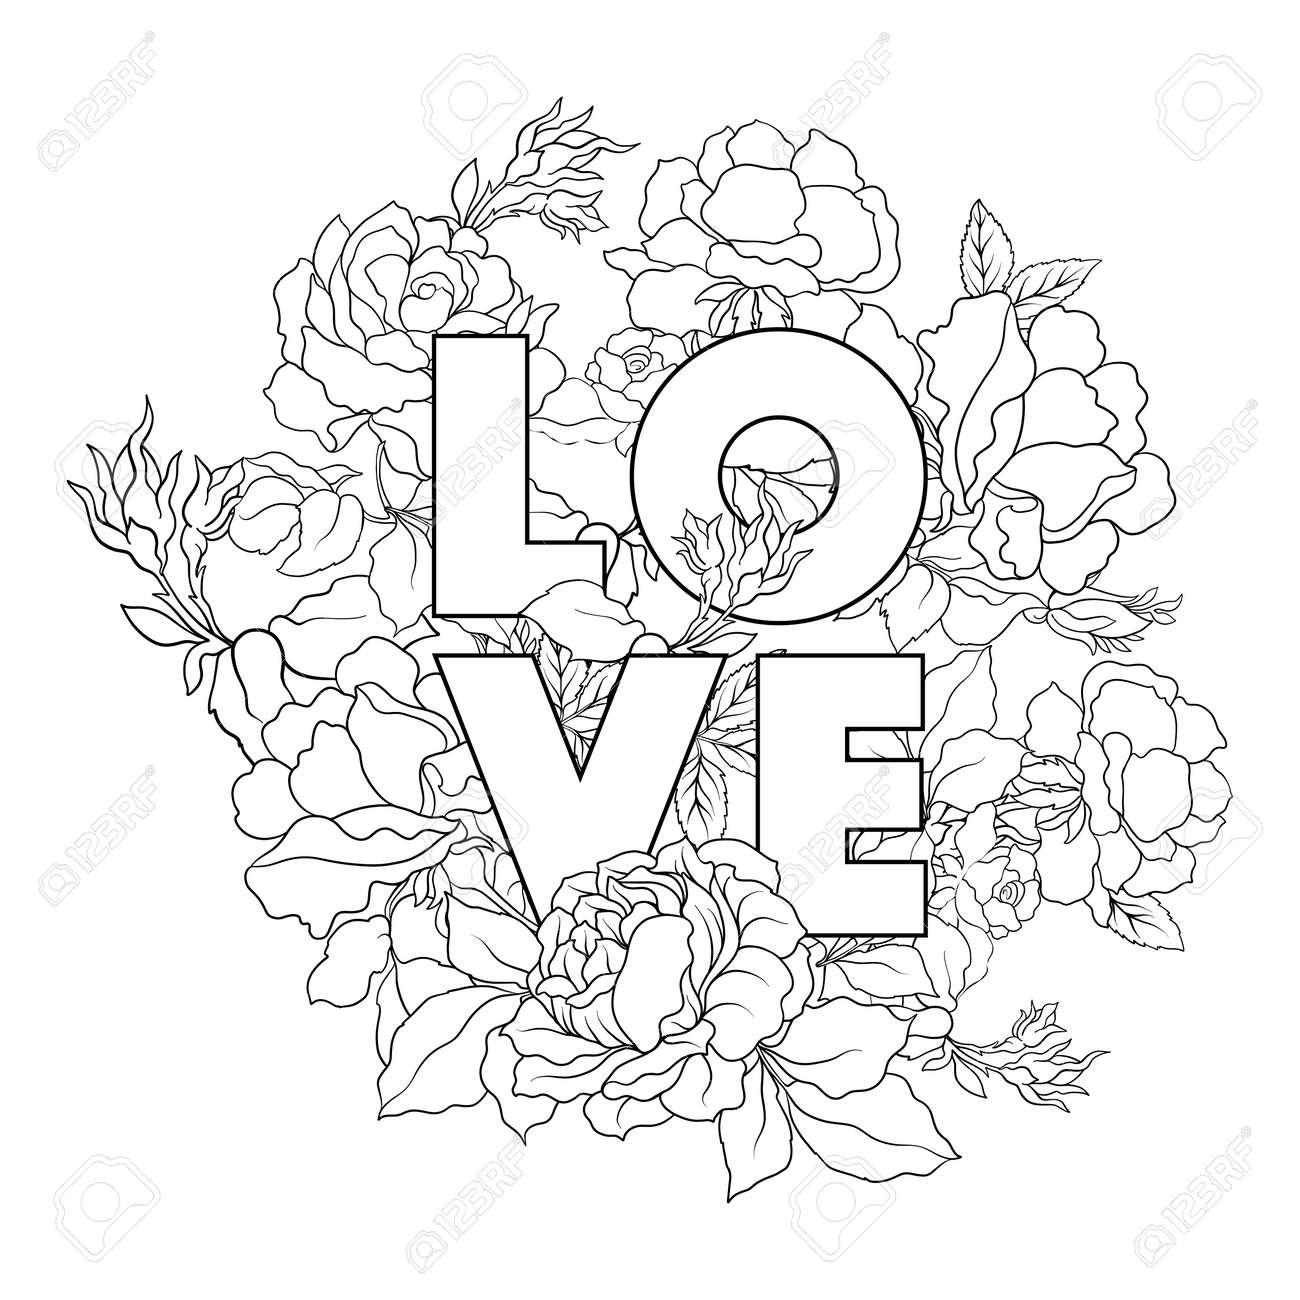 Ausmalbilder Blumen Für Erwachsene : Ungew Hnlich Rose Blume Malvorlagen Bilder Druckbare Malvorlagen